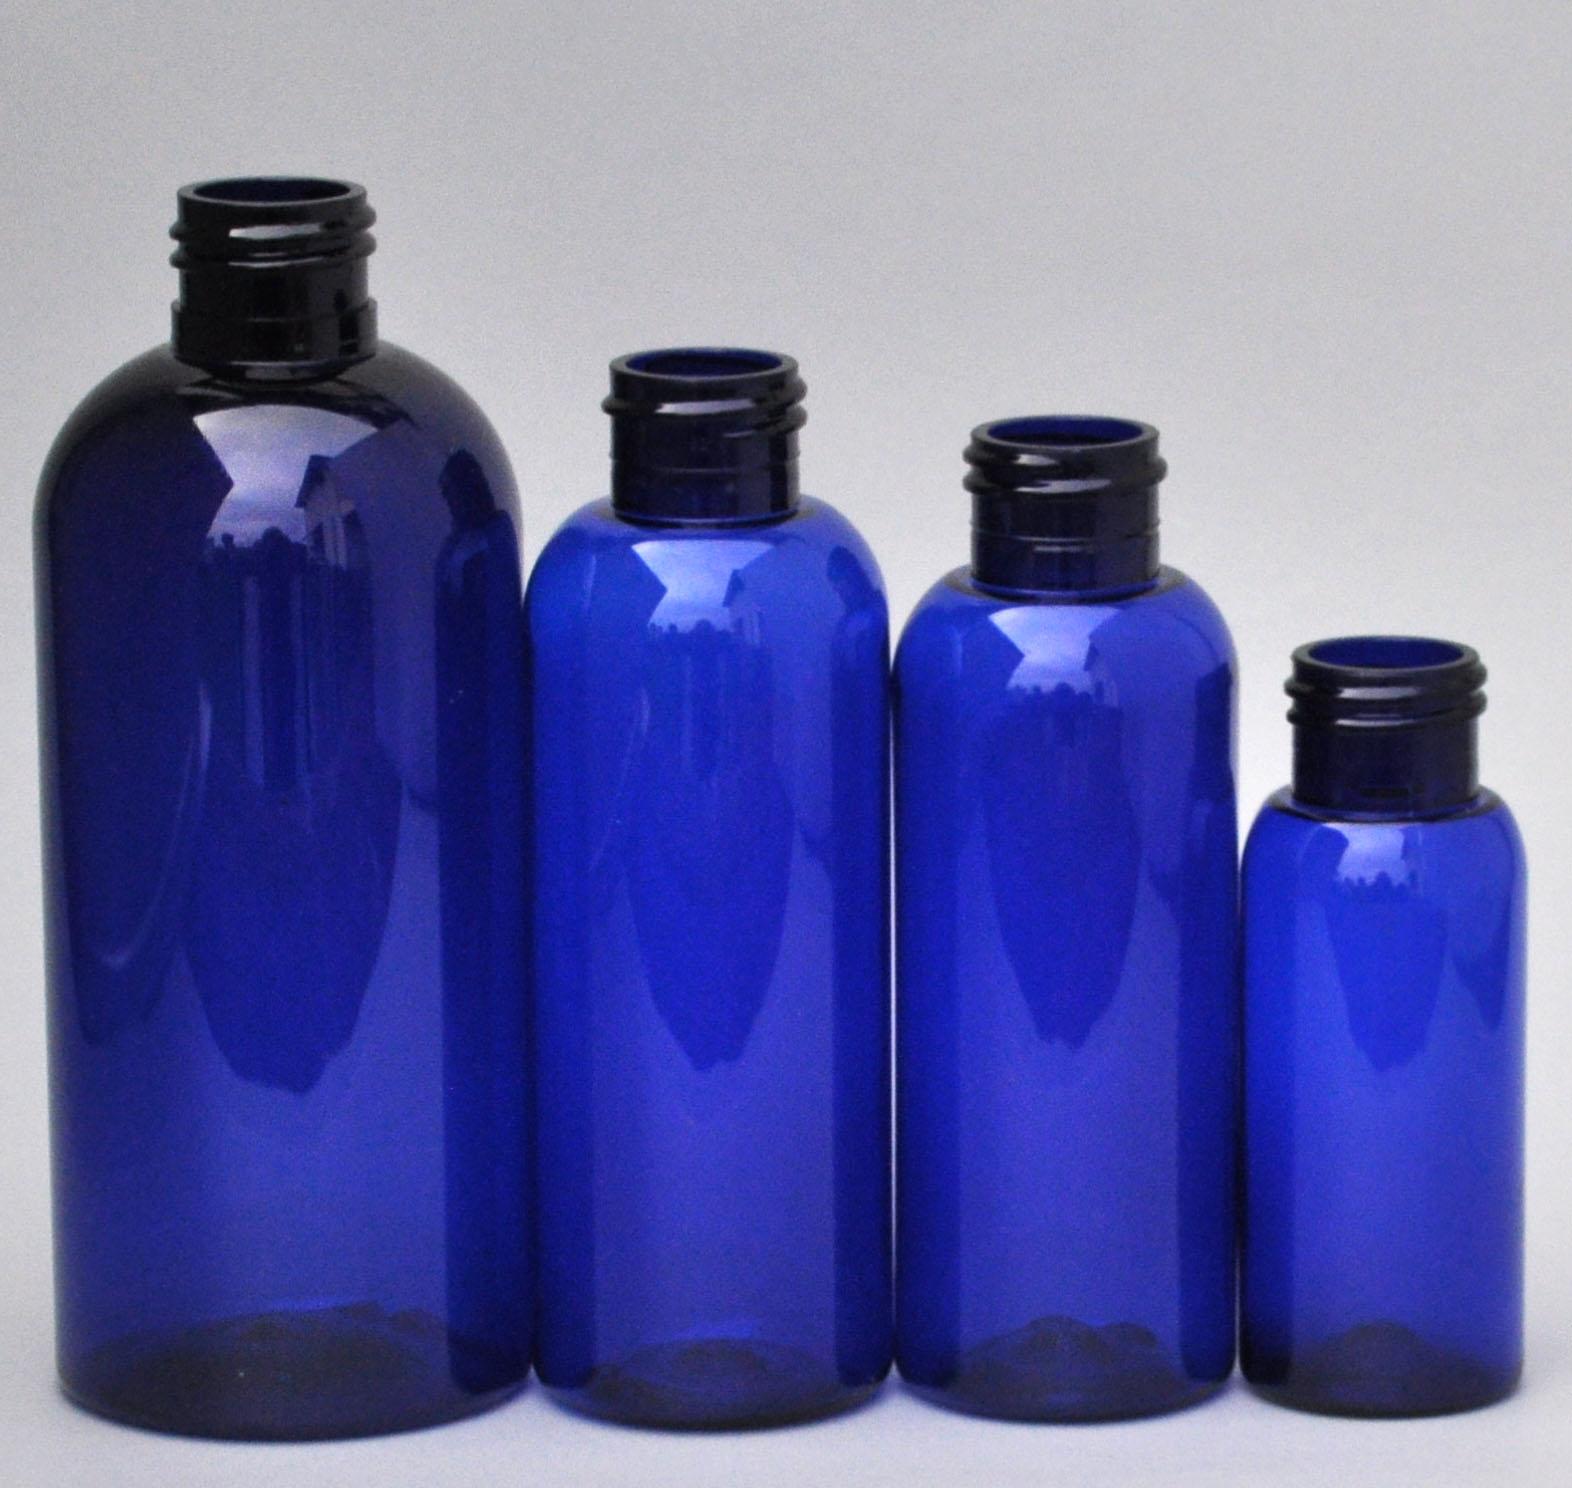 SNEP-250BPETCB-250ml Cobalt Blue PET Boston Bottle with 24/410 Neck